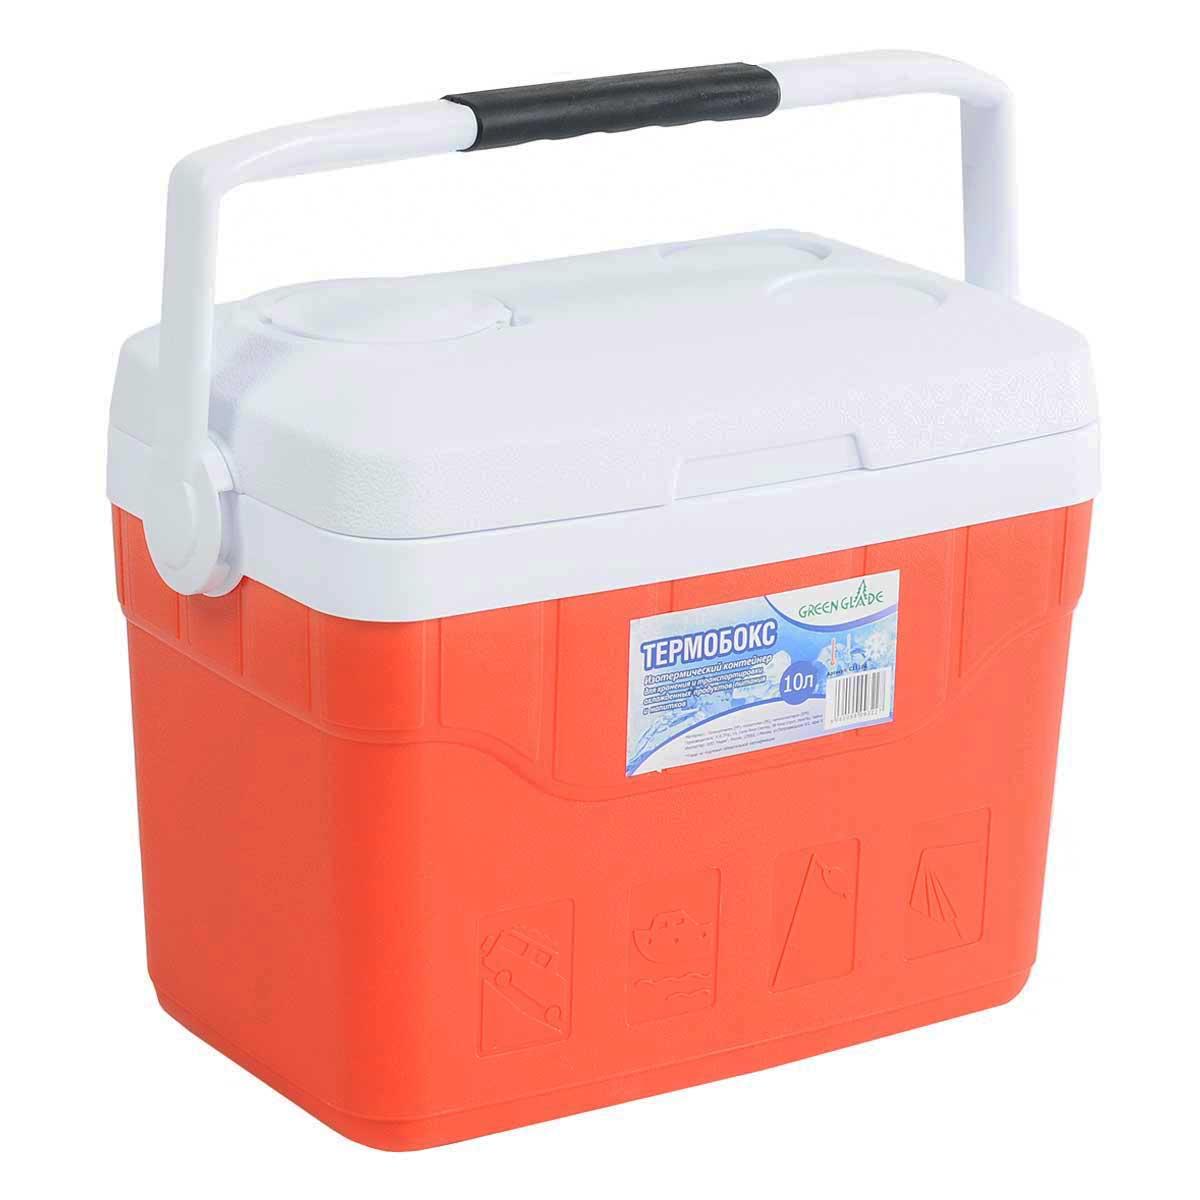 Контейнер изотермический Green Glade, цвет: красный, 10 л726482Легкий и прочный изотермический контейнер Green Glade предназначен для сохранения определенной температуры продуктов во время длительных поездок. Корпус и крышка контейнера изготовлены из высококачественного пластика. Между двойными стенками находится термоизоляционный слой, который обеспечивает сохранение температуры. При использовании аккумулятора холода, контейнер обеспечивает сохранение продуктов холодными на 8-10 часов. Подвижная ручка делает более удобной переноску контейнера. Крышка может быть использована в качестве подноса. В ней имеются три углубления для стаканчиков.Контейнер идеально подходит для отдыха на природе, пикников, туристических походов и путешествий.Объем контейнера: 10 л.Размер контейнера: 35 см х 30 см х20 см.